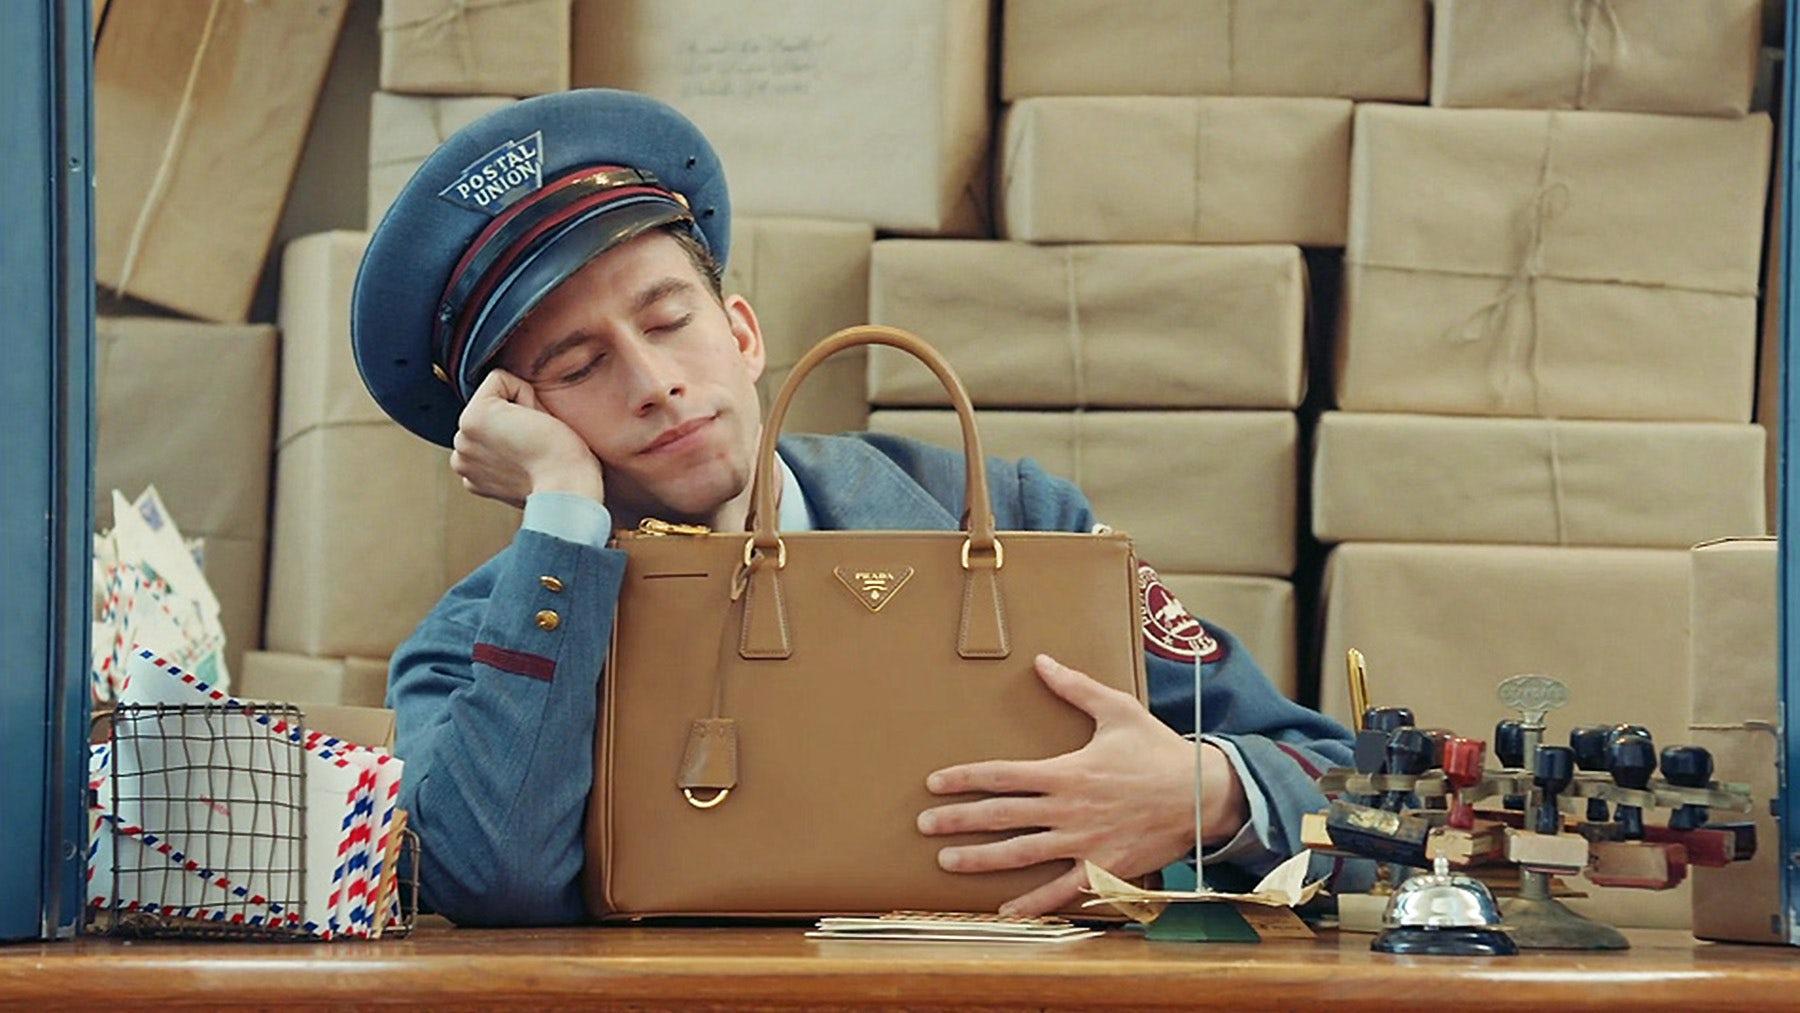 The Postman Dreams | Source: Prada